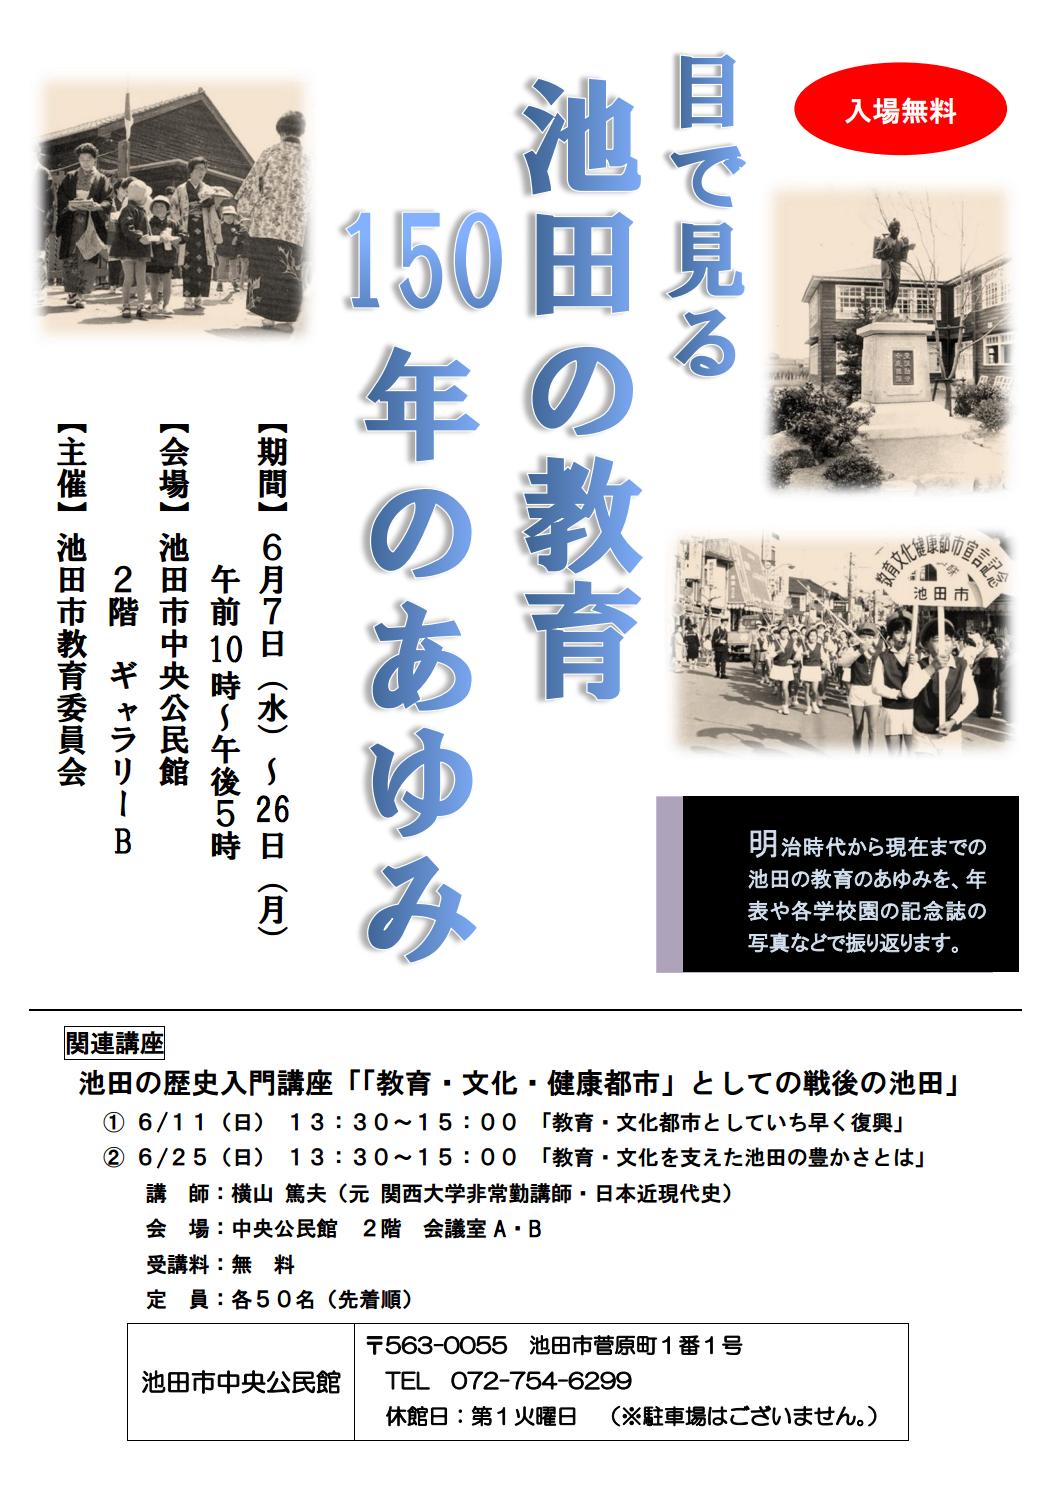 池田の教育150年のあゆみを見てみませんか?